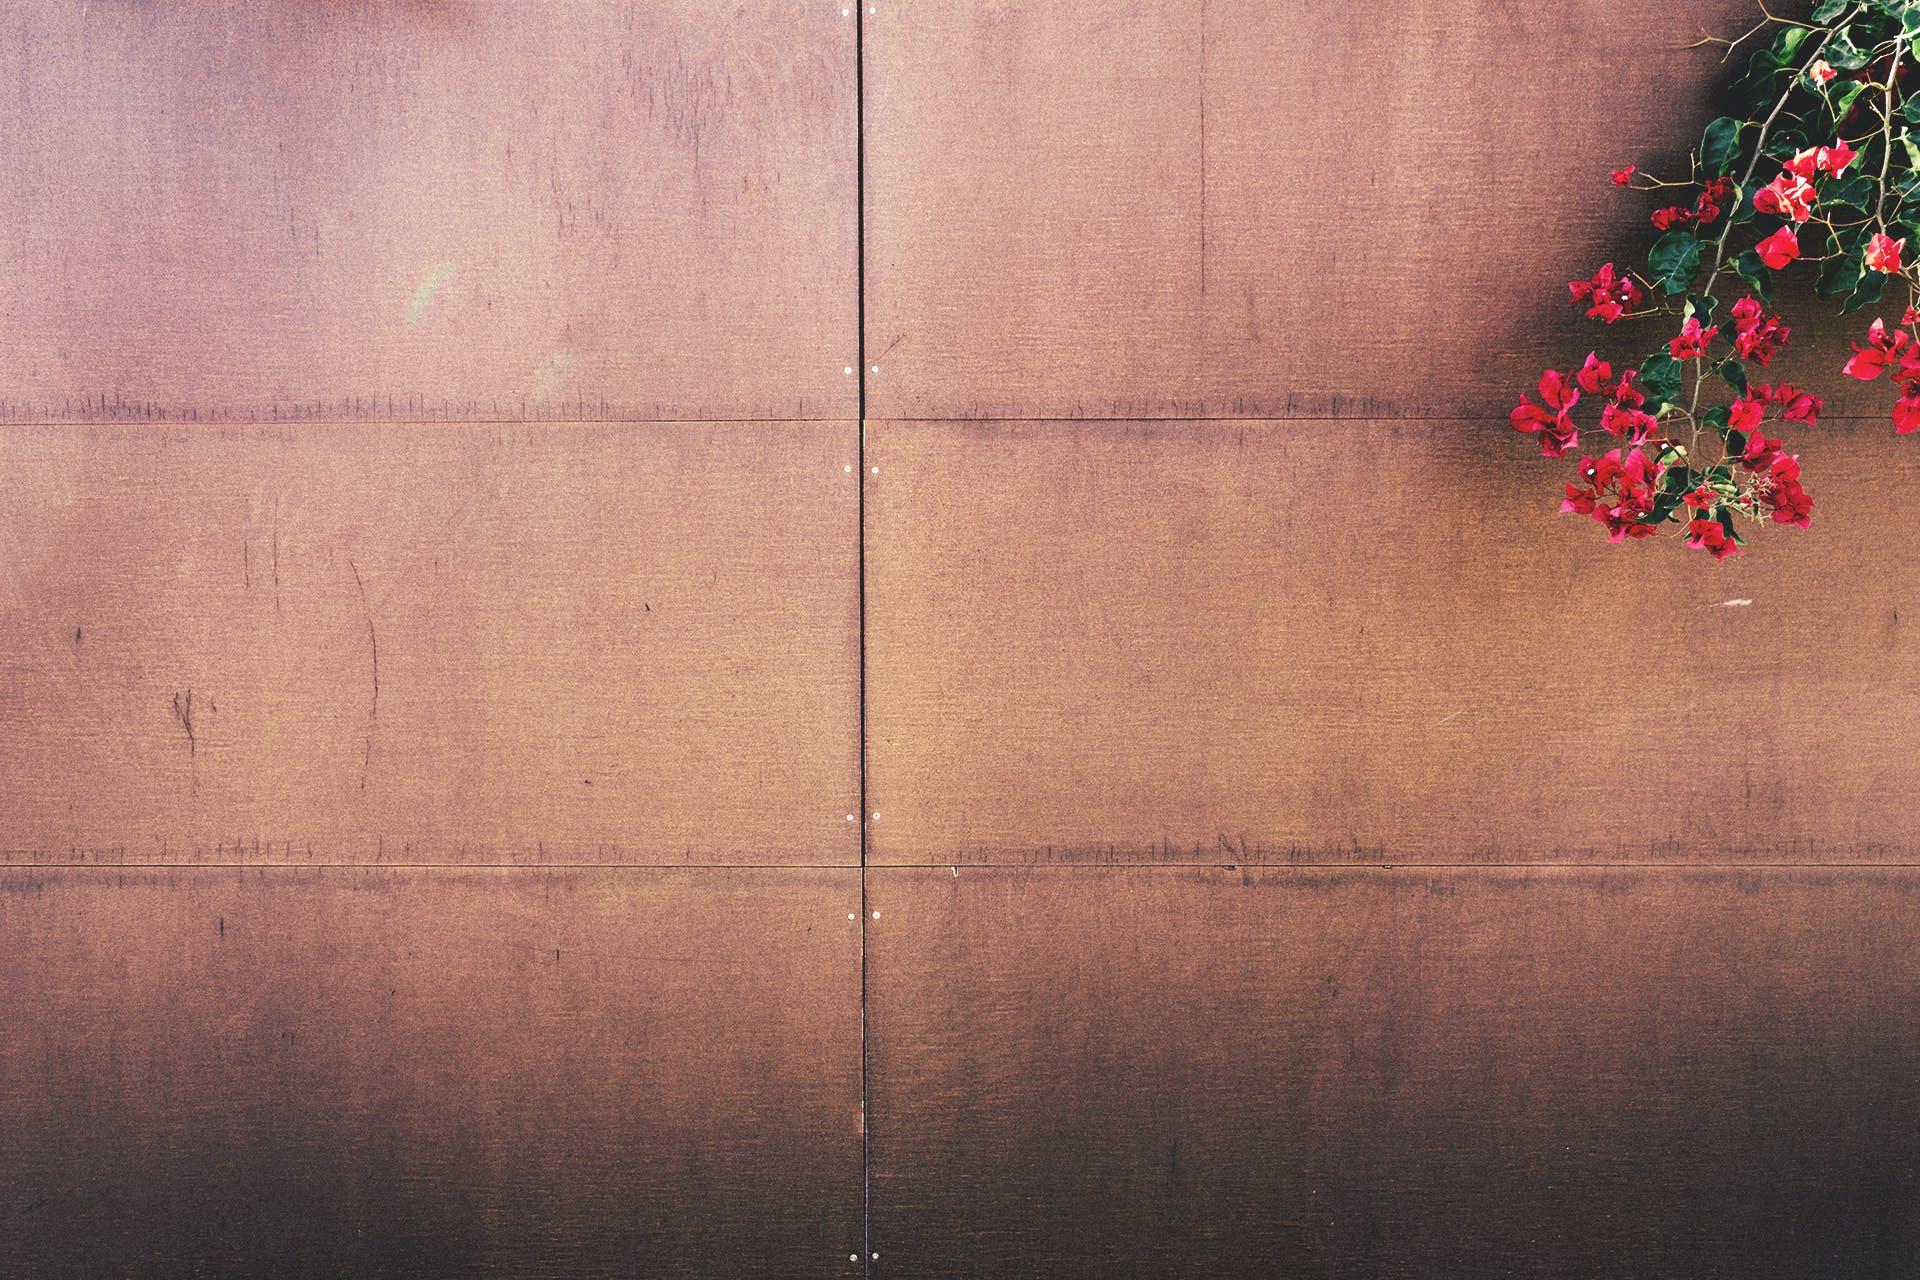 Free stock photo of whitespace, fence